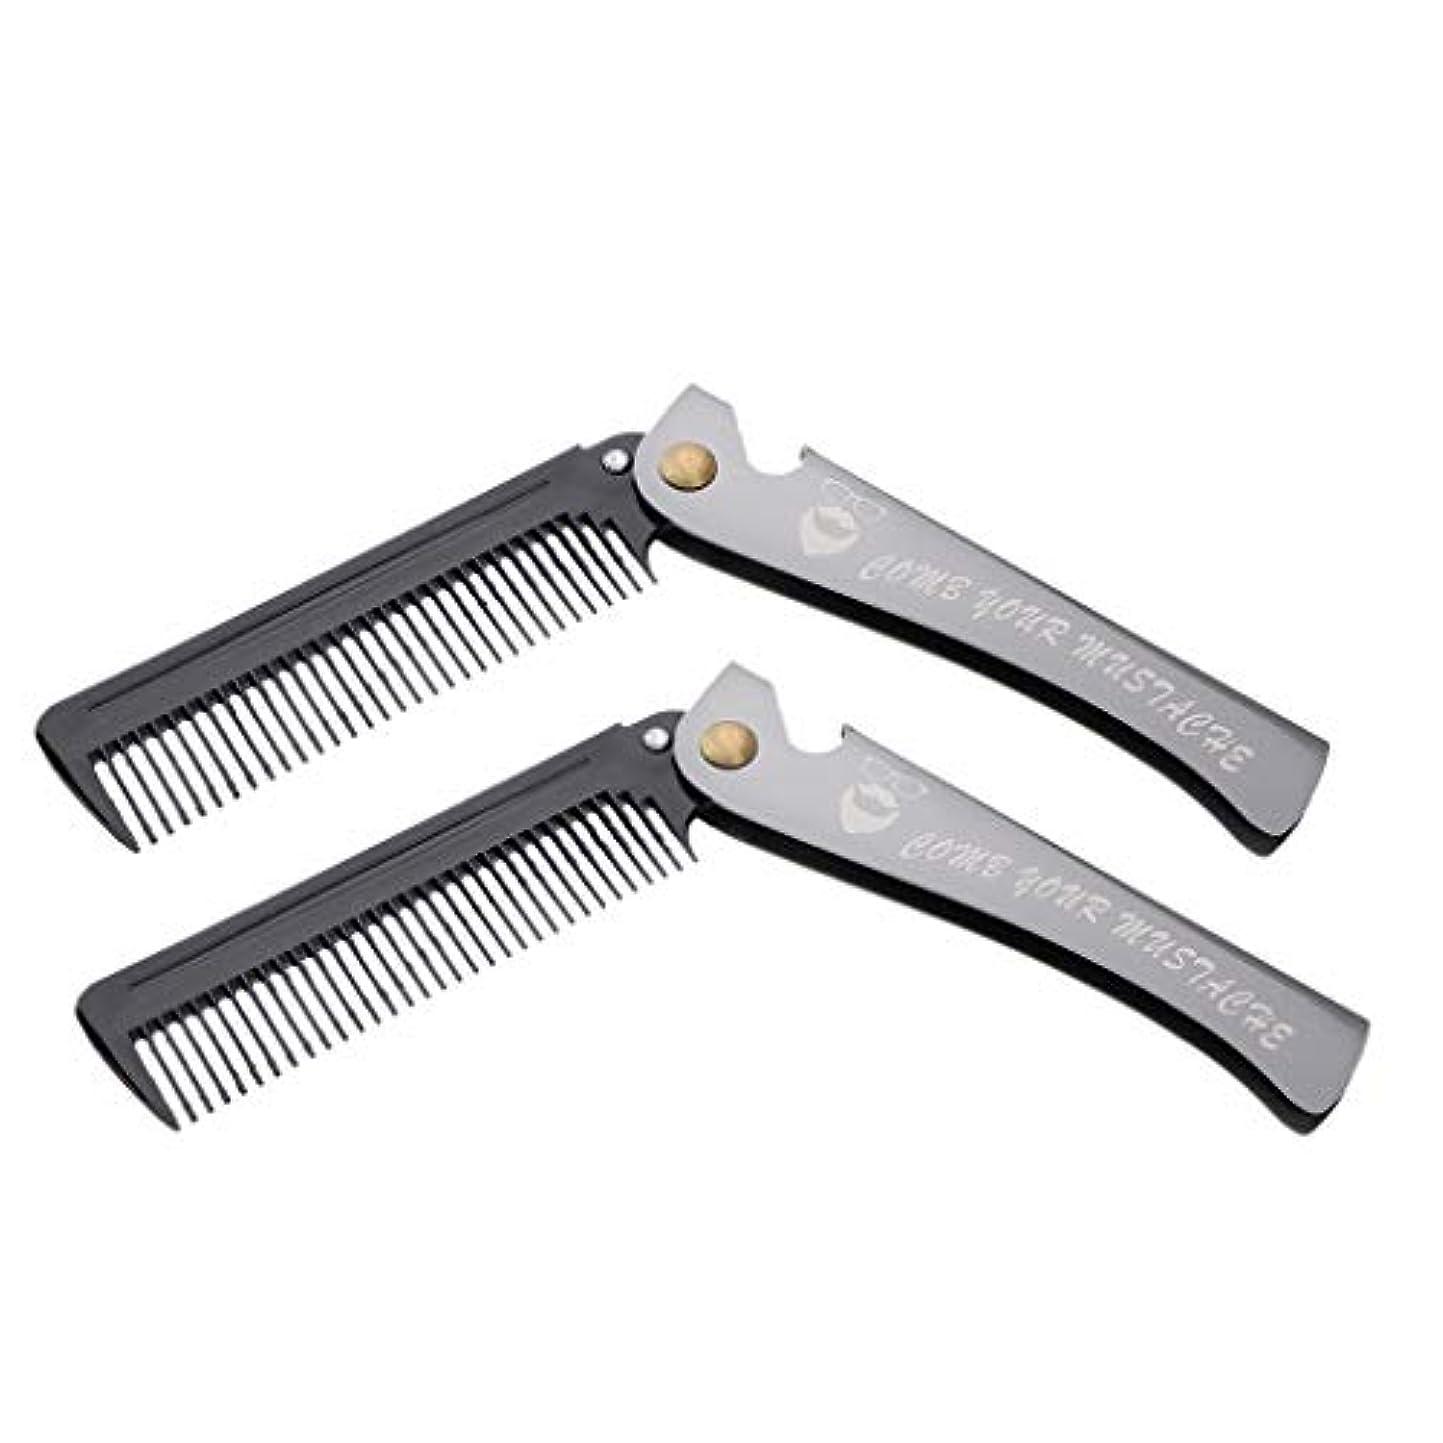 色ヒステリック鋭く2本帯電防止折りたたみ髪髭成形コムズポケットスタイリングくし黒